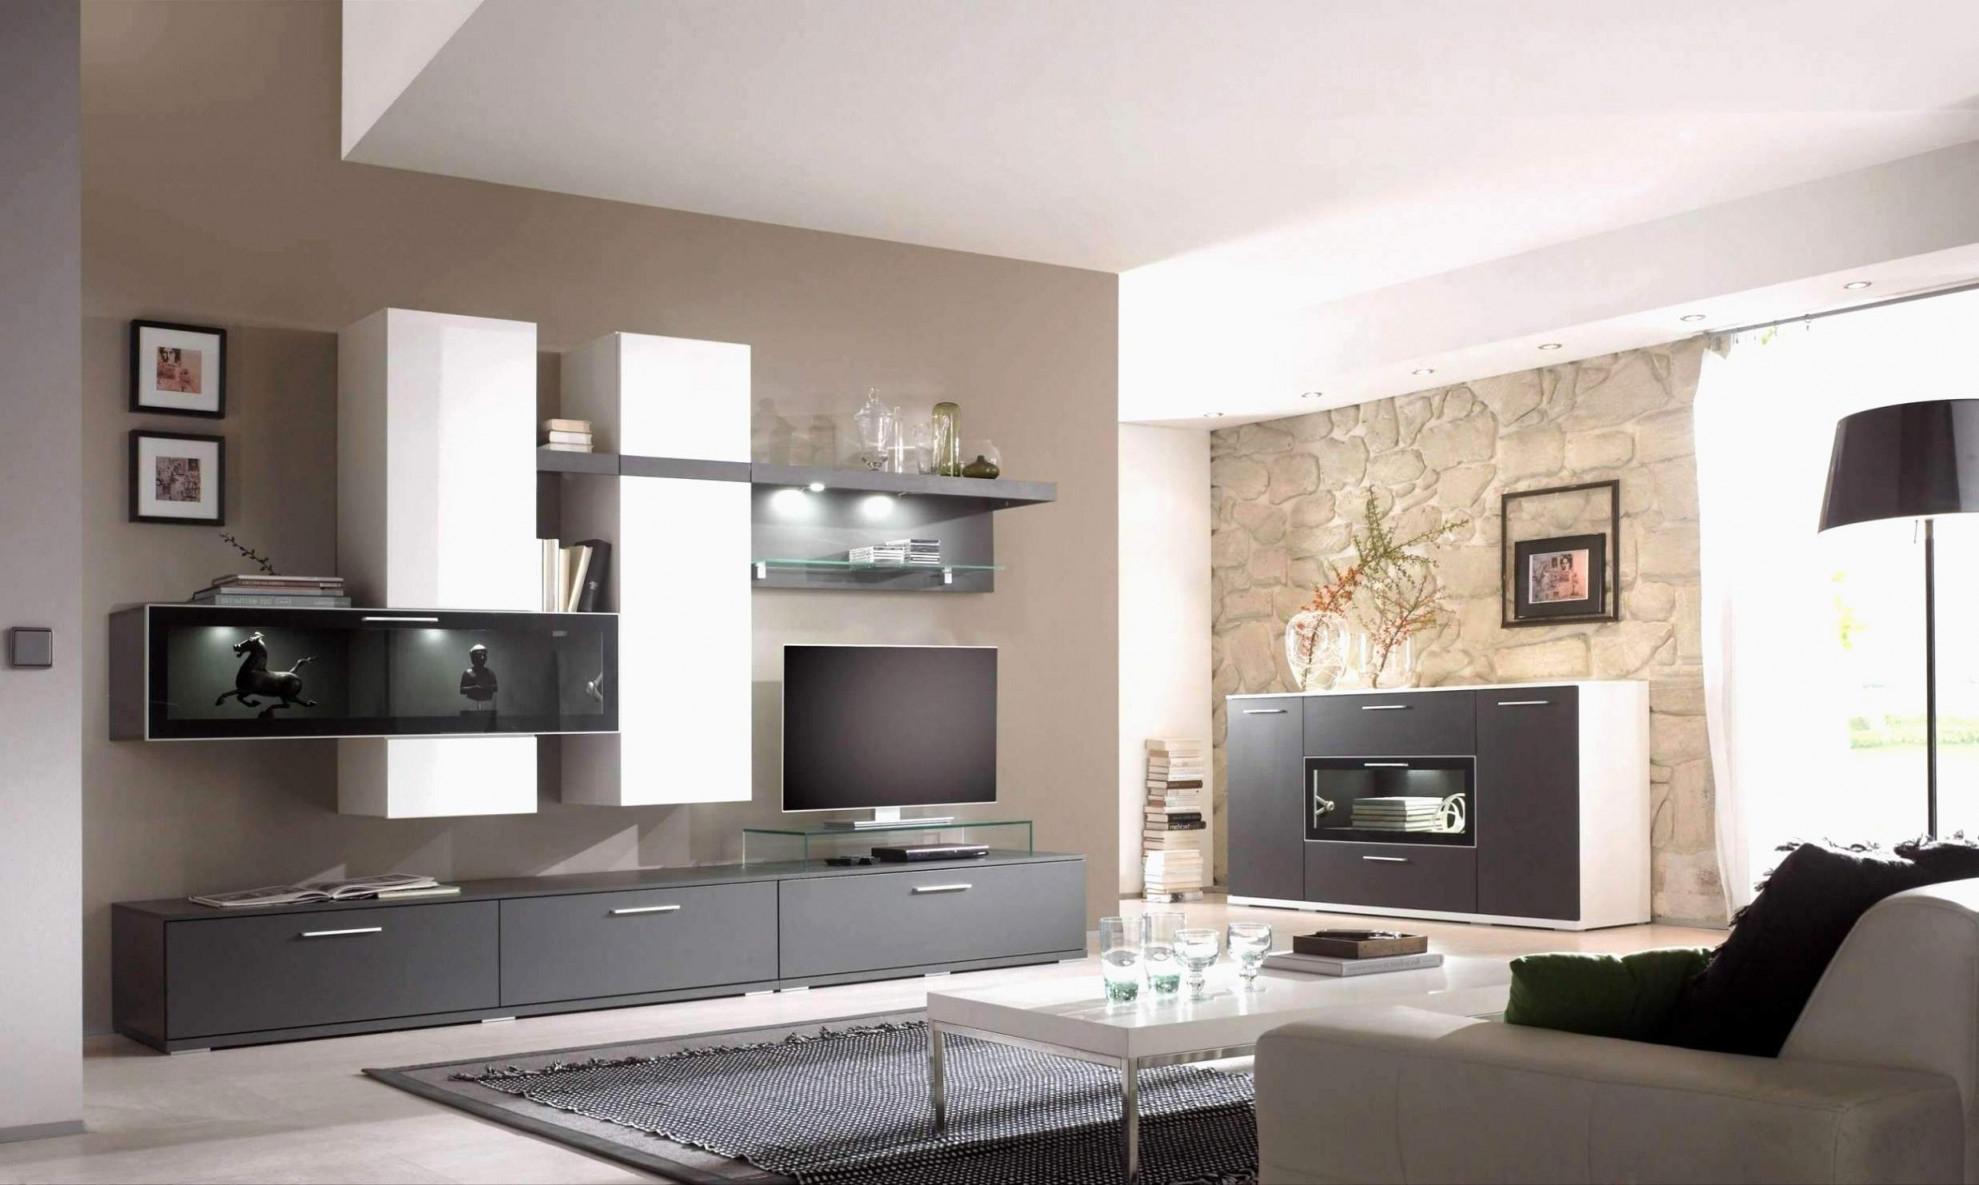 31 Neu Wohnzimmer Streichen Ideen Streifen Einzigartig von Wohnzimmer Wände Gestalten Farbe Photo